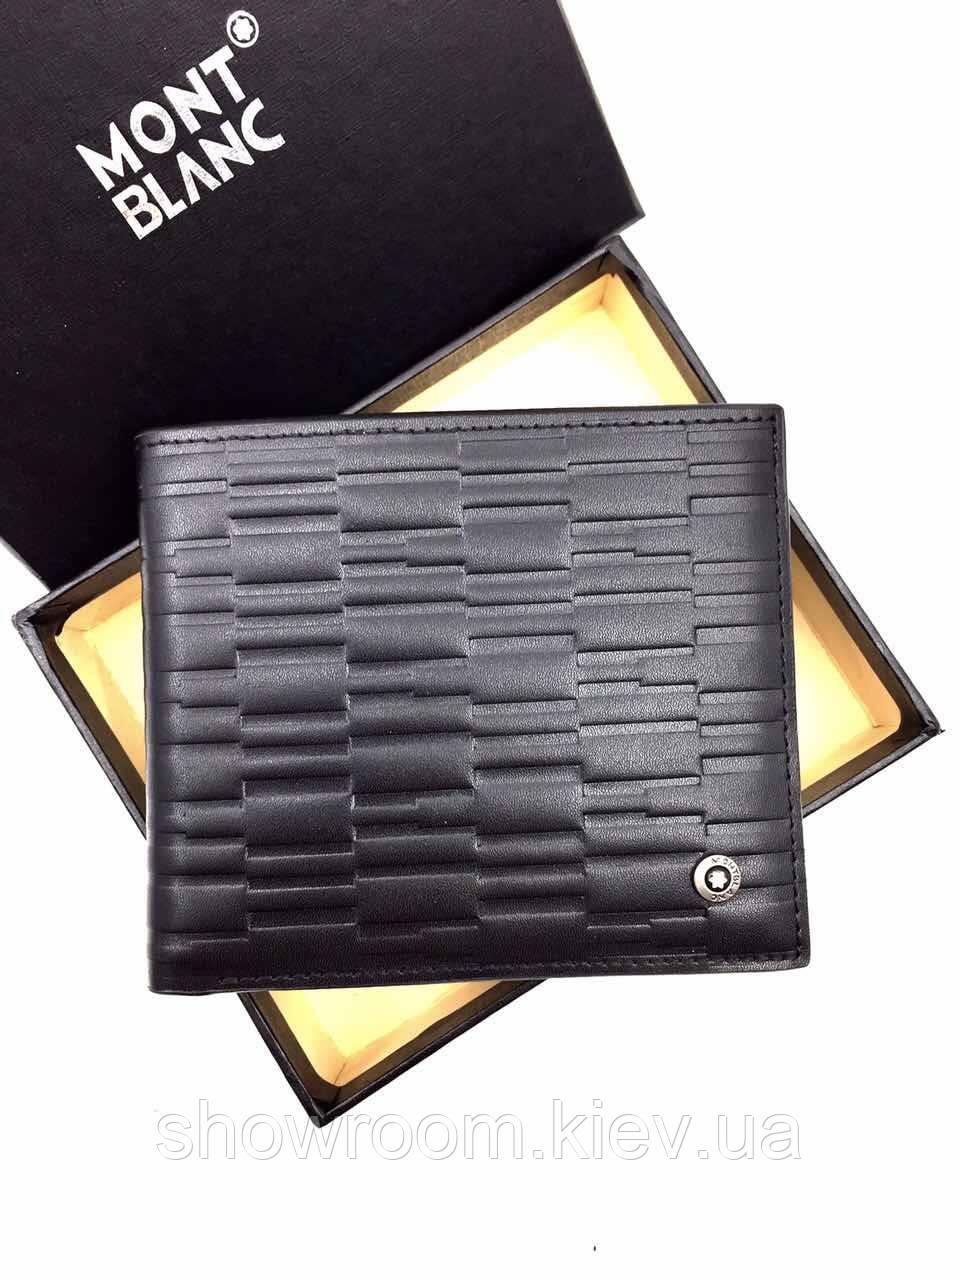 Мужское портмоне в стиле Montblanc (610) black